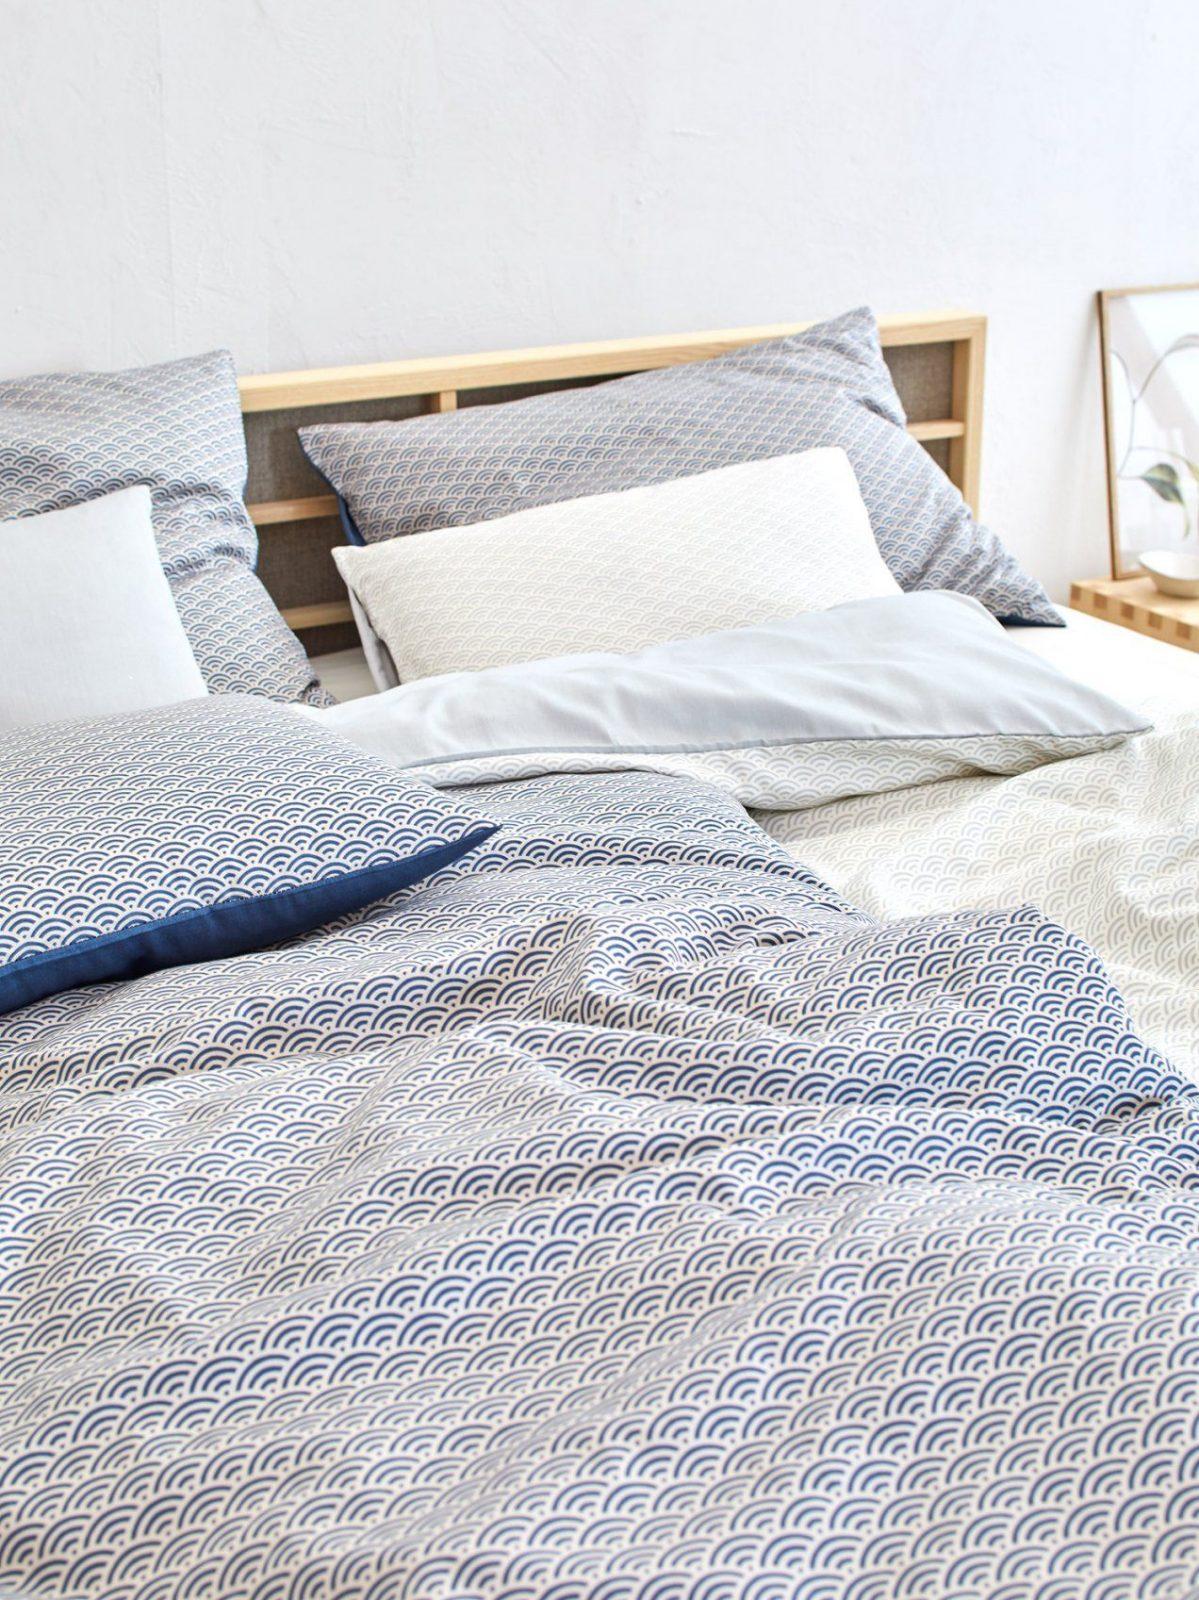 Grüne Erde Teppich Mit Set Kissen Und Deckenüberzug Naoko Stein 60 X von Grüne Erde Bettwäsche Bild